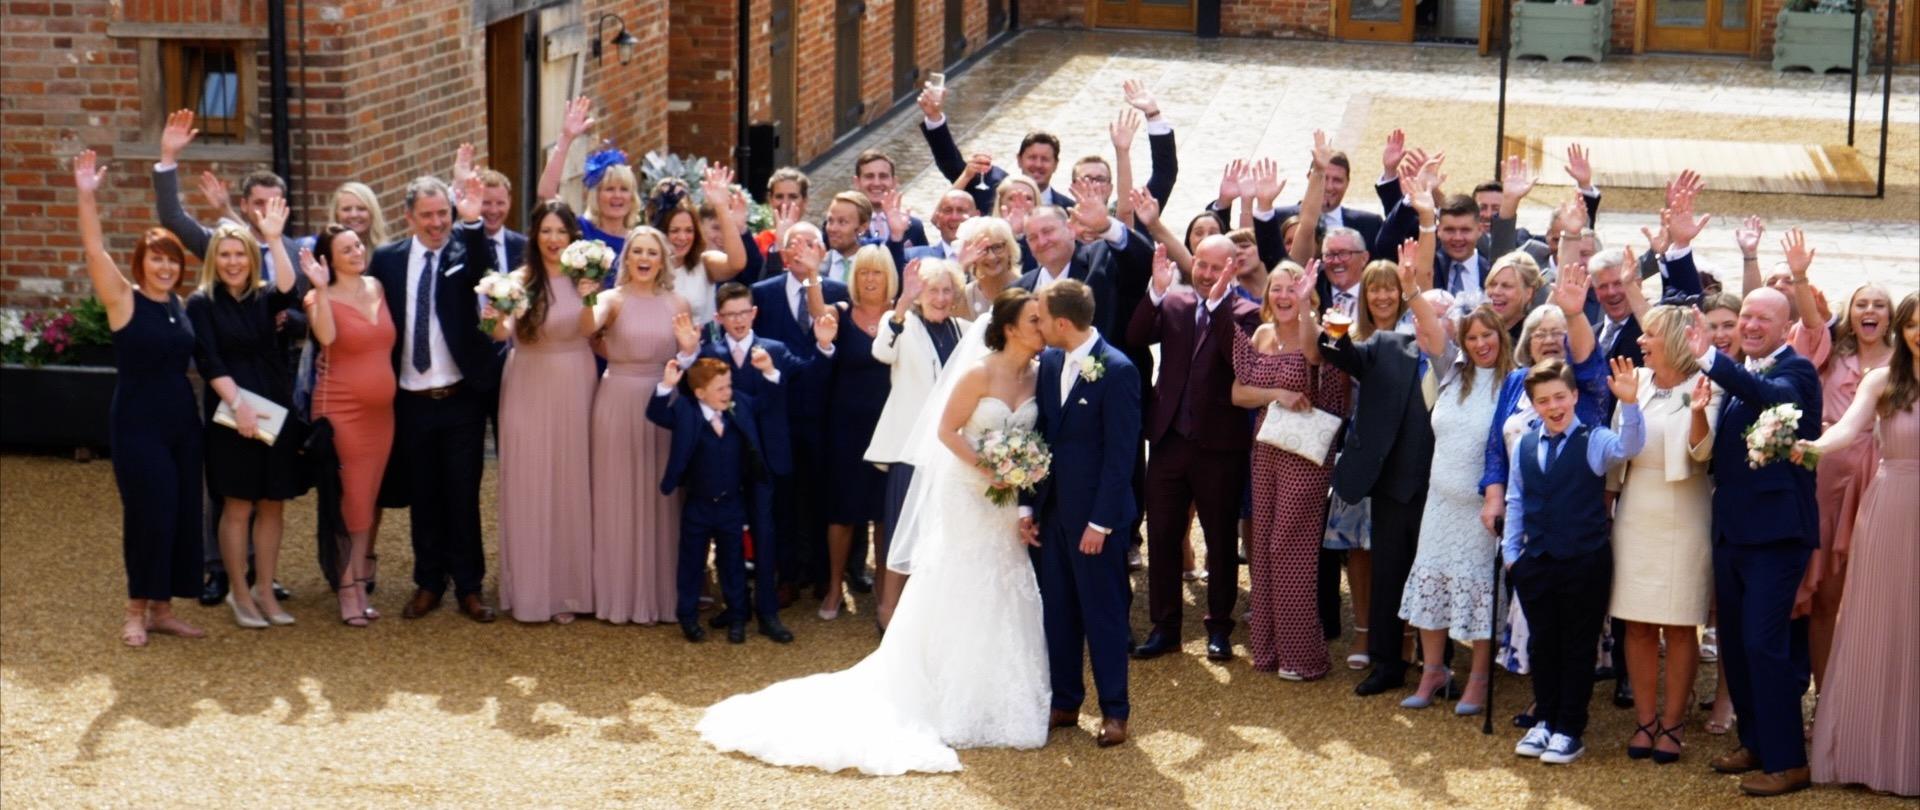 Apton Hall Wedding Guests videography.jpg